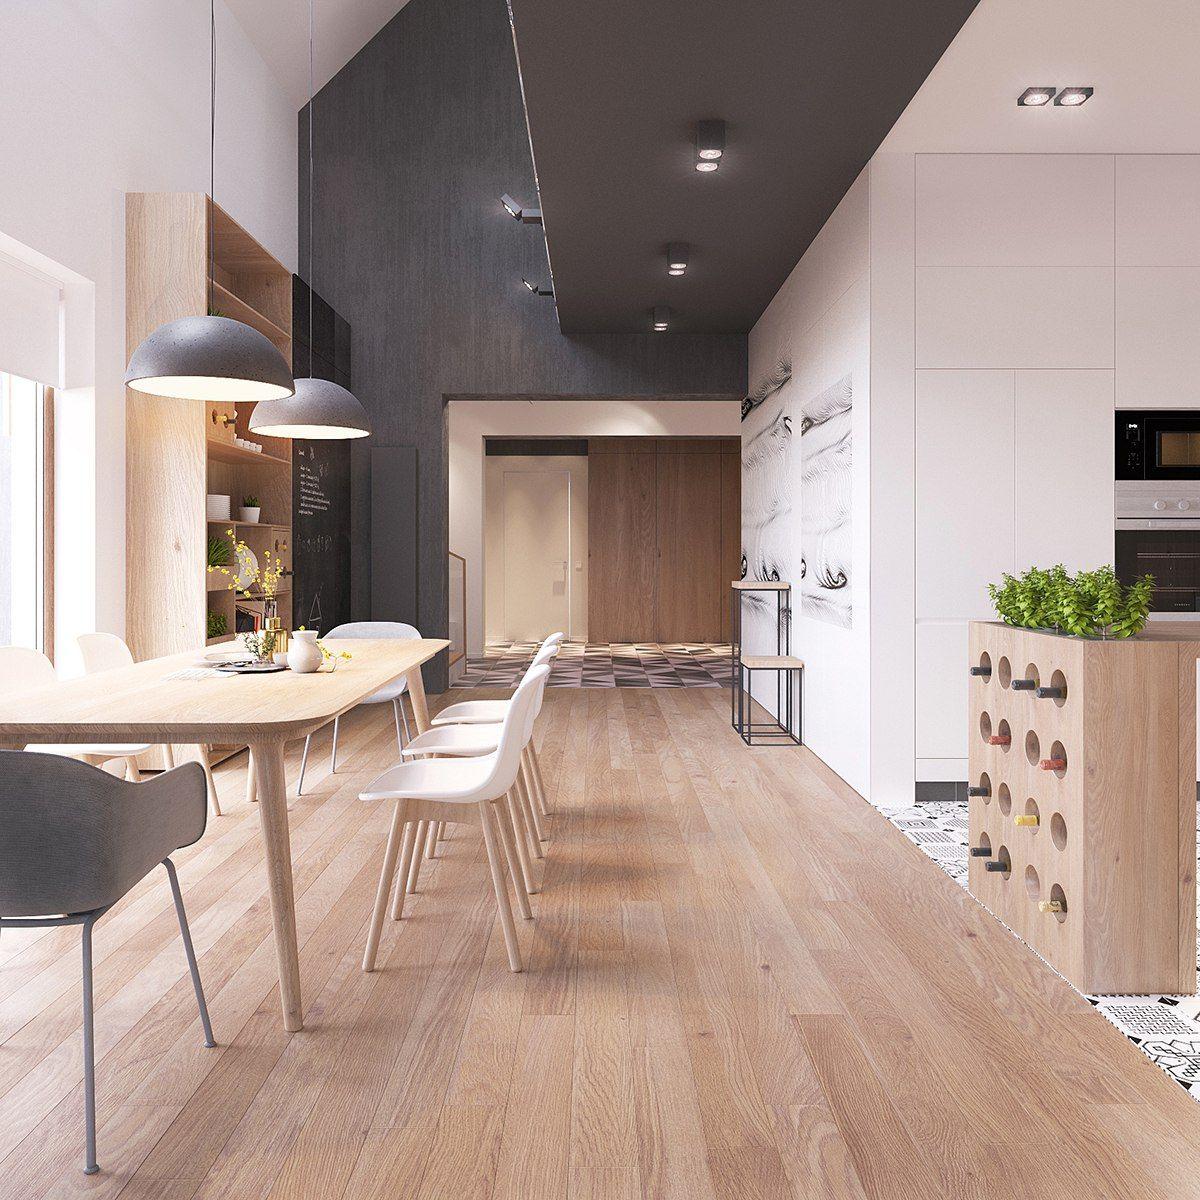 11 Decorating Ideas To Steal From The Scandinavians: Épinglé Par Elise GERARD Sur Inspirations Construction